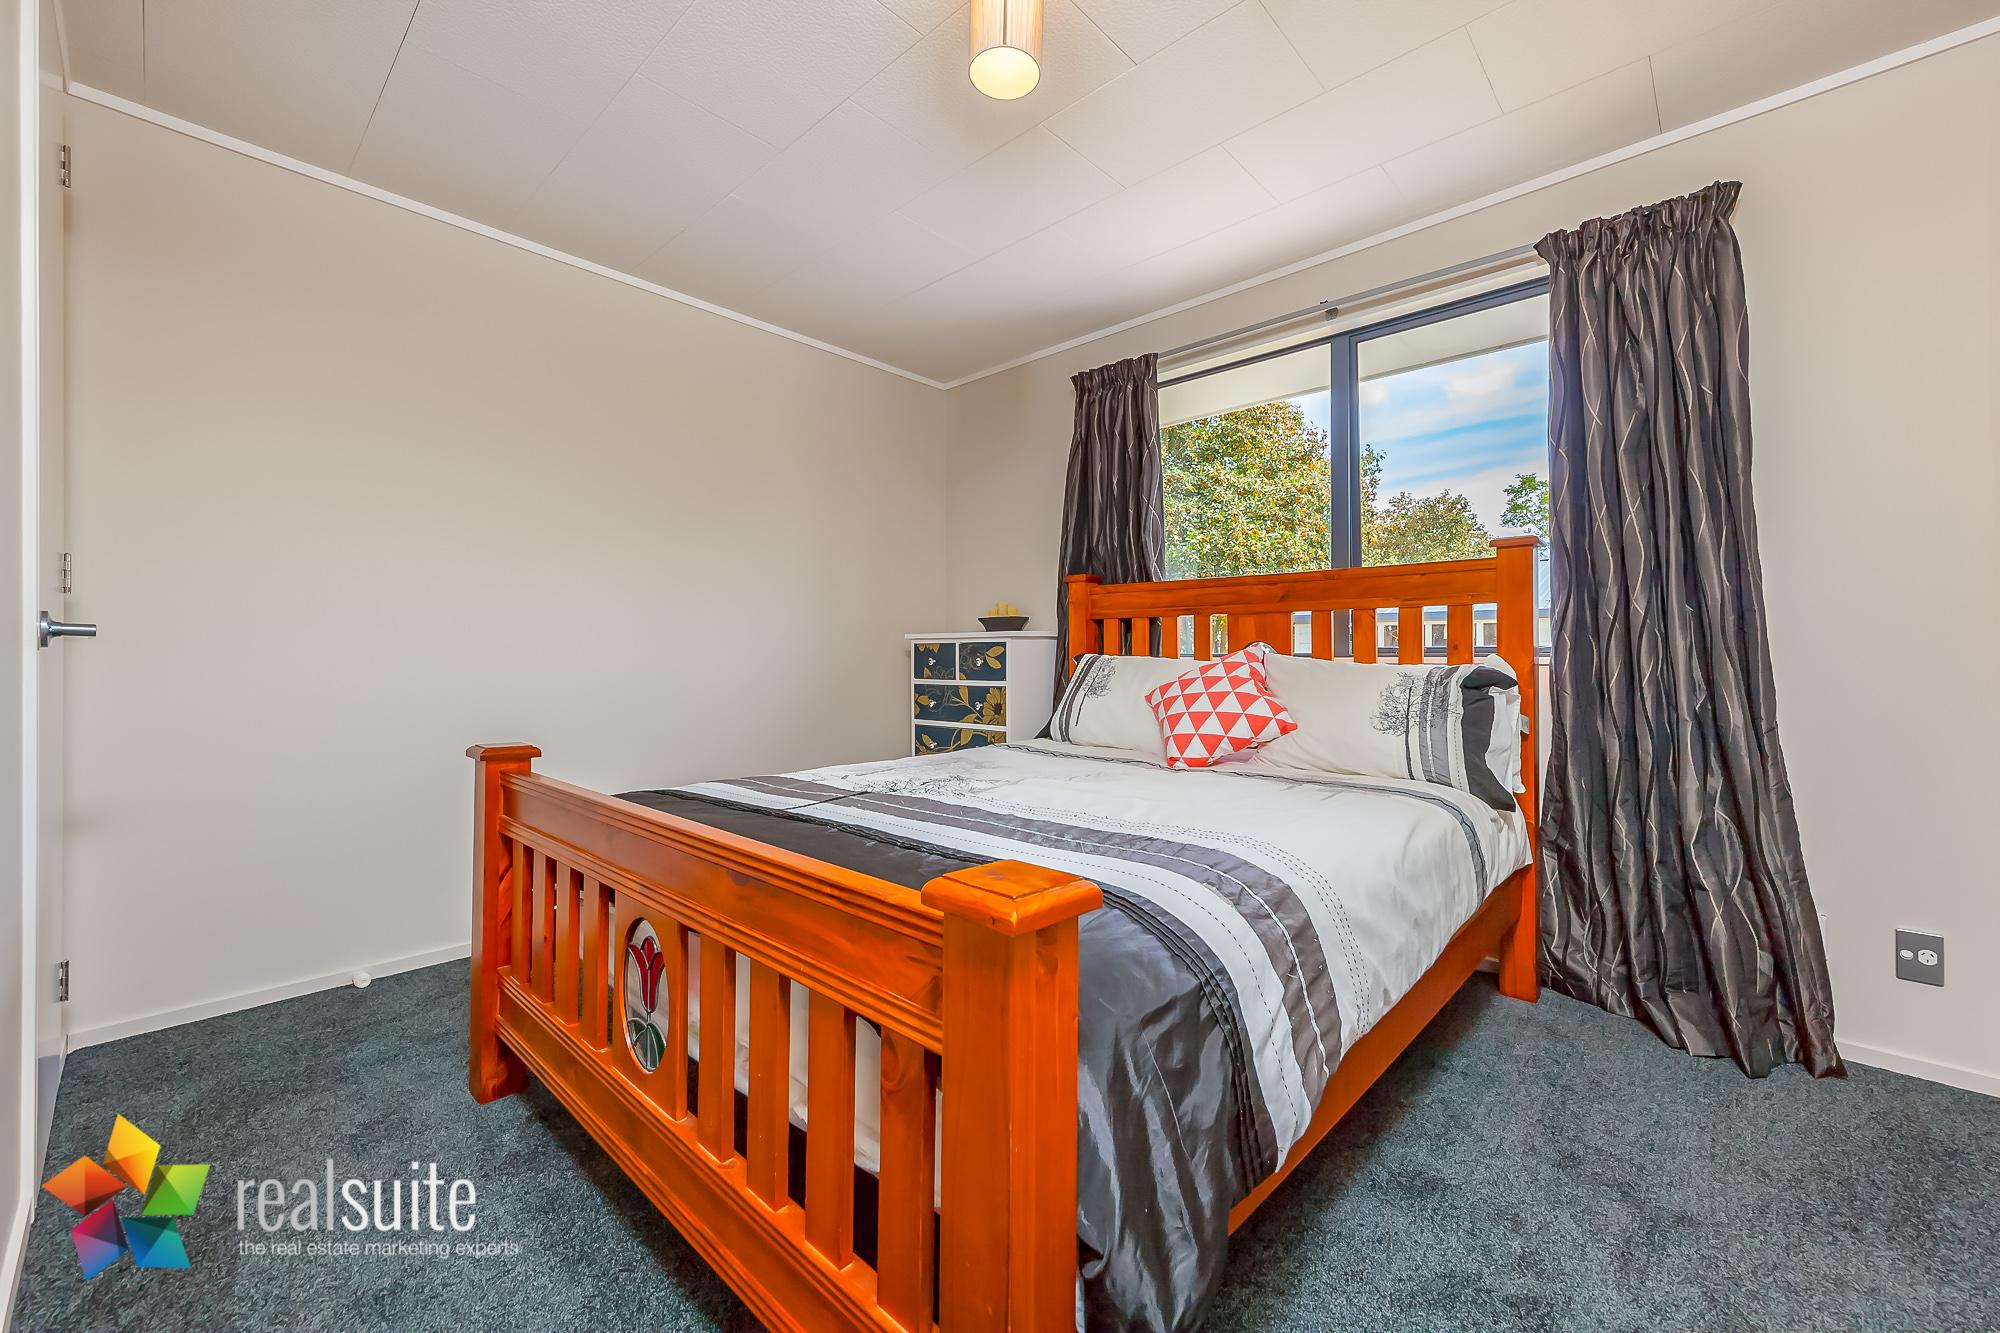 Realsuite Bedrooms (10)